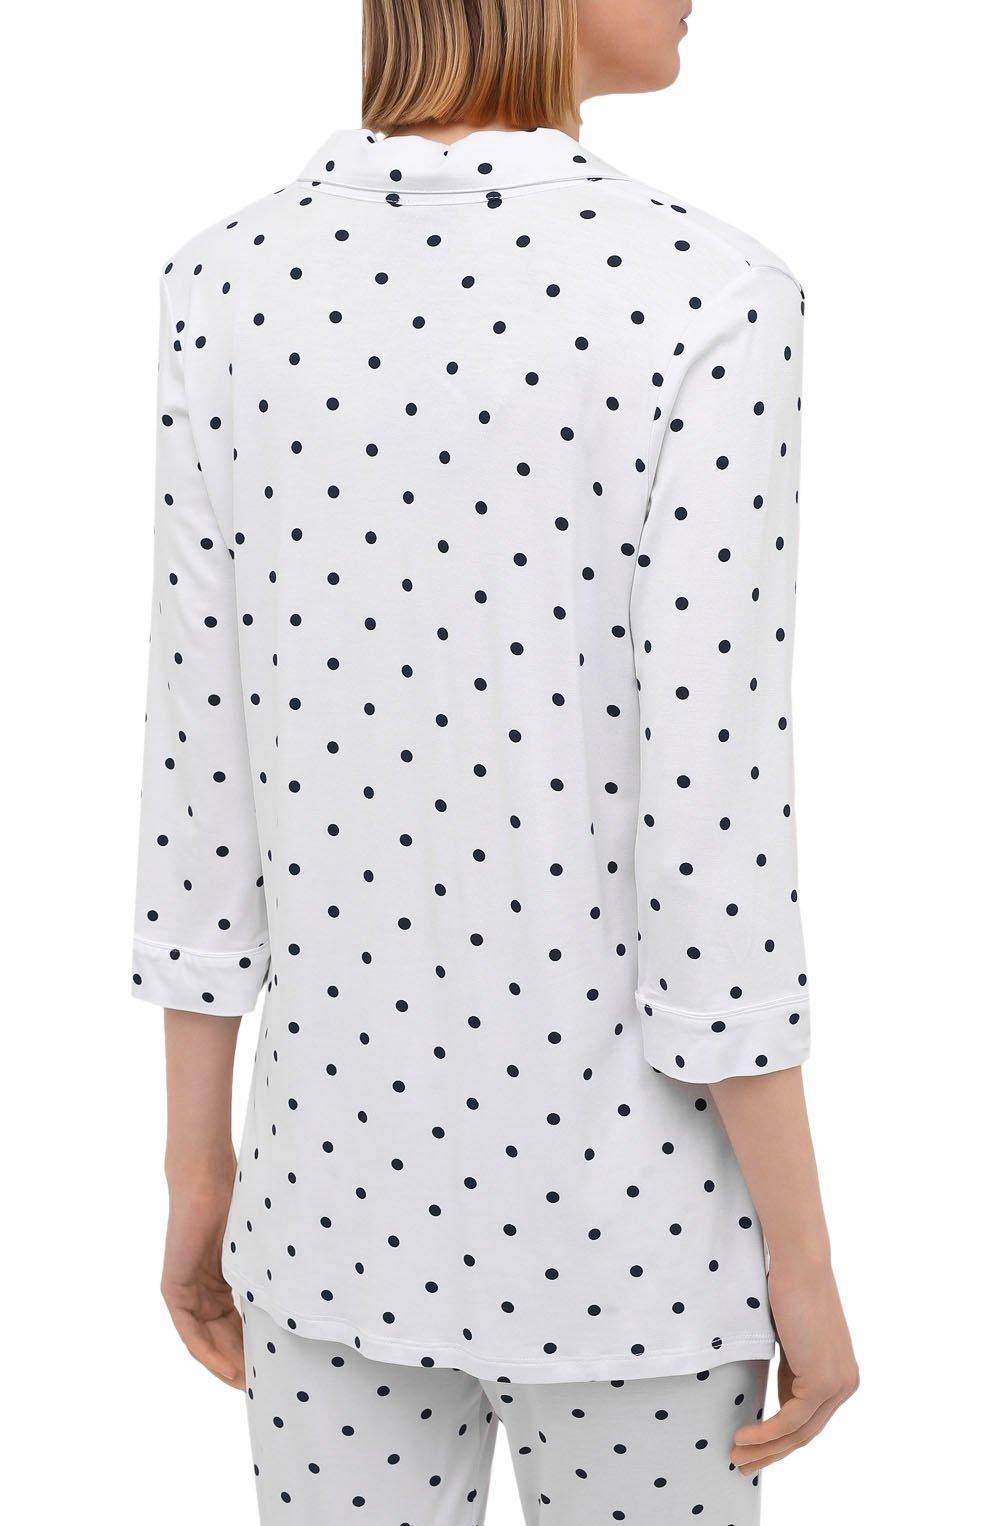 Женская пижама из вискозы LE CHAT белого цвета, арт. BELLAGIO106 | Фото 3 (Длина Ж (юбки, платья, шорты): Мини; Длина (брюки, джинсы): Стандартные; Длина (для топов): Стандартные; Материал внешний: Вискоза; Рукава: 3/4)